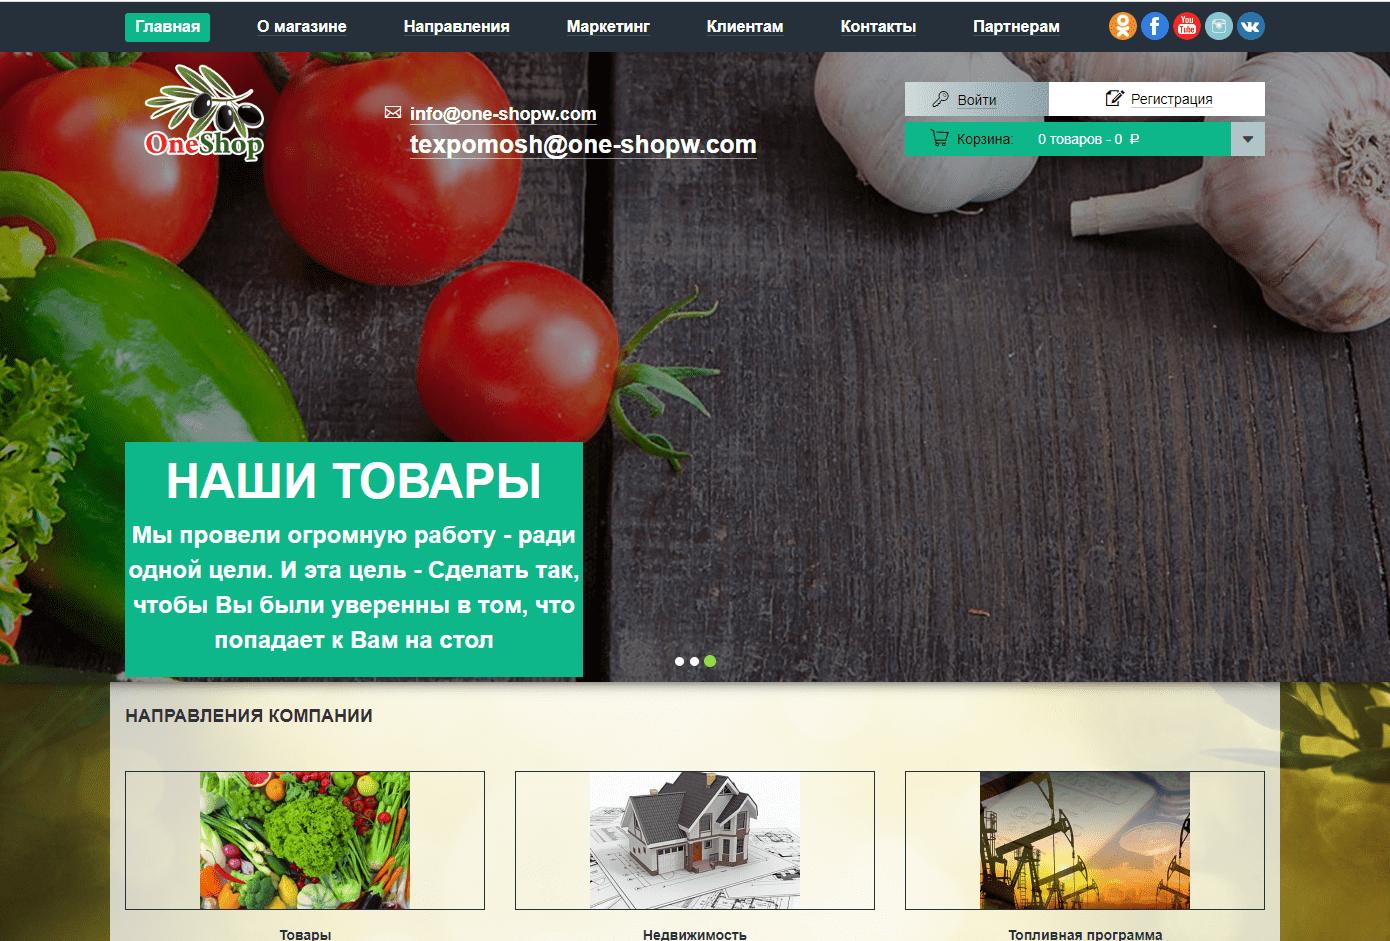 One Shop – отзывы о магазине доставки на дом и в офис продуктов